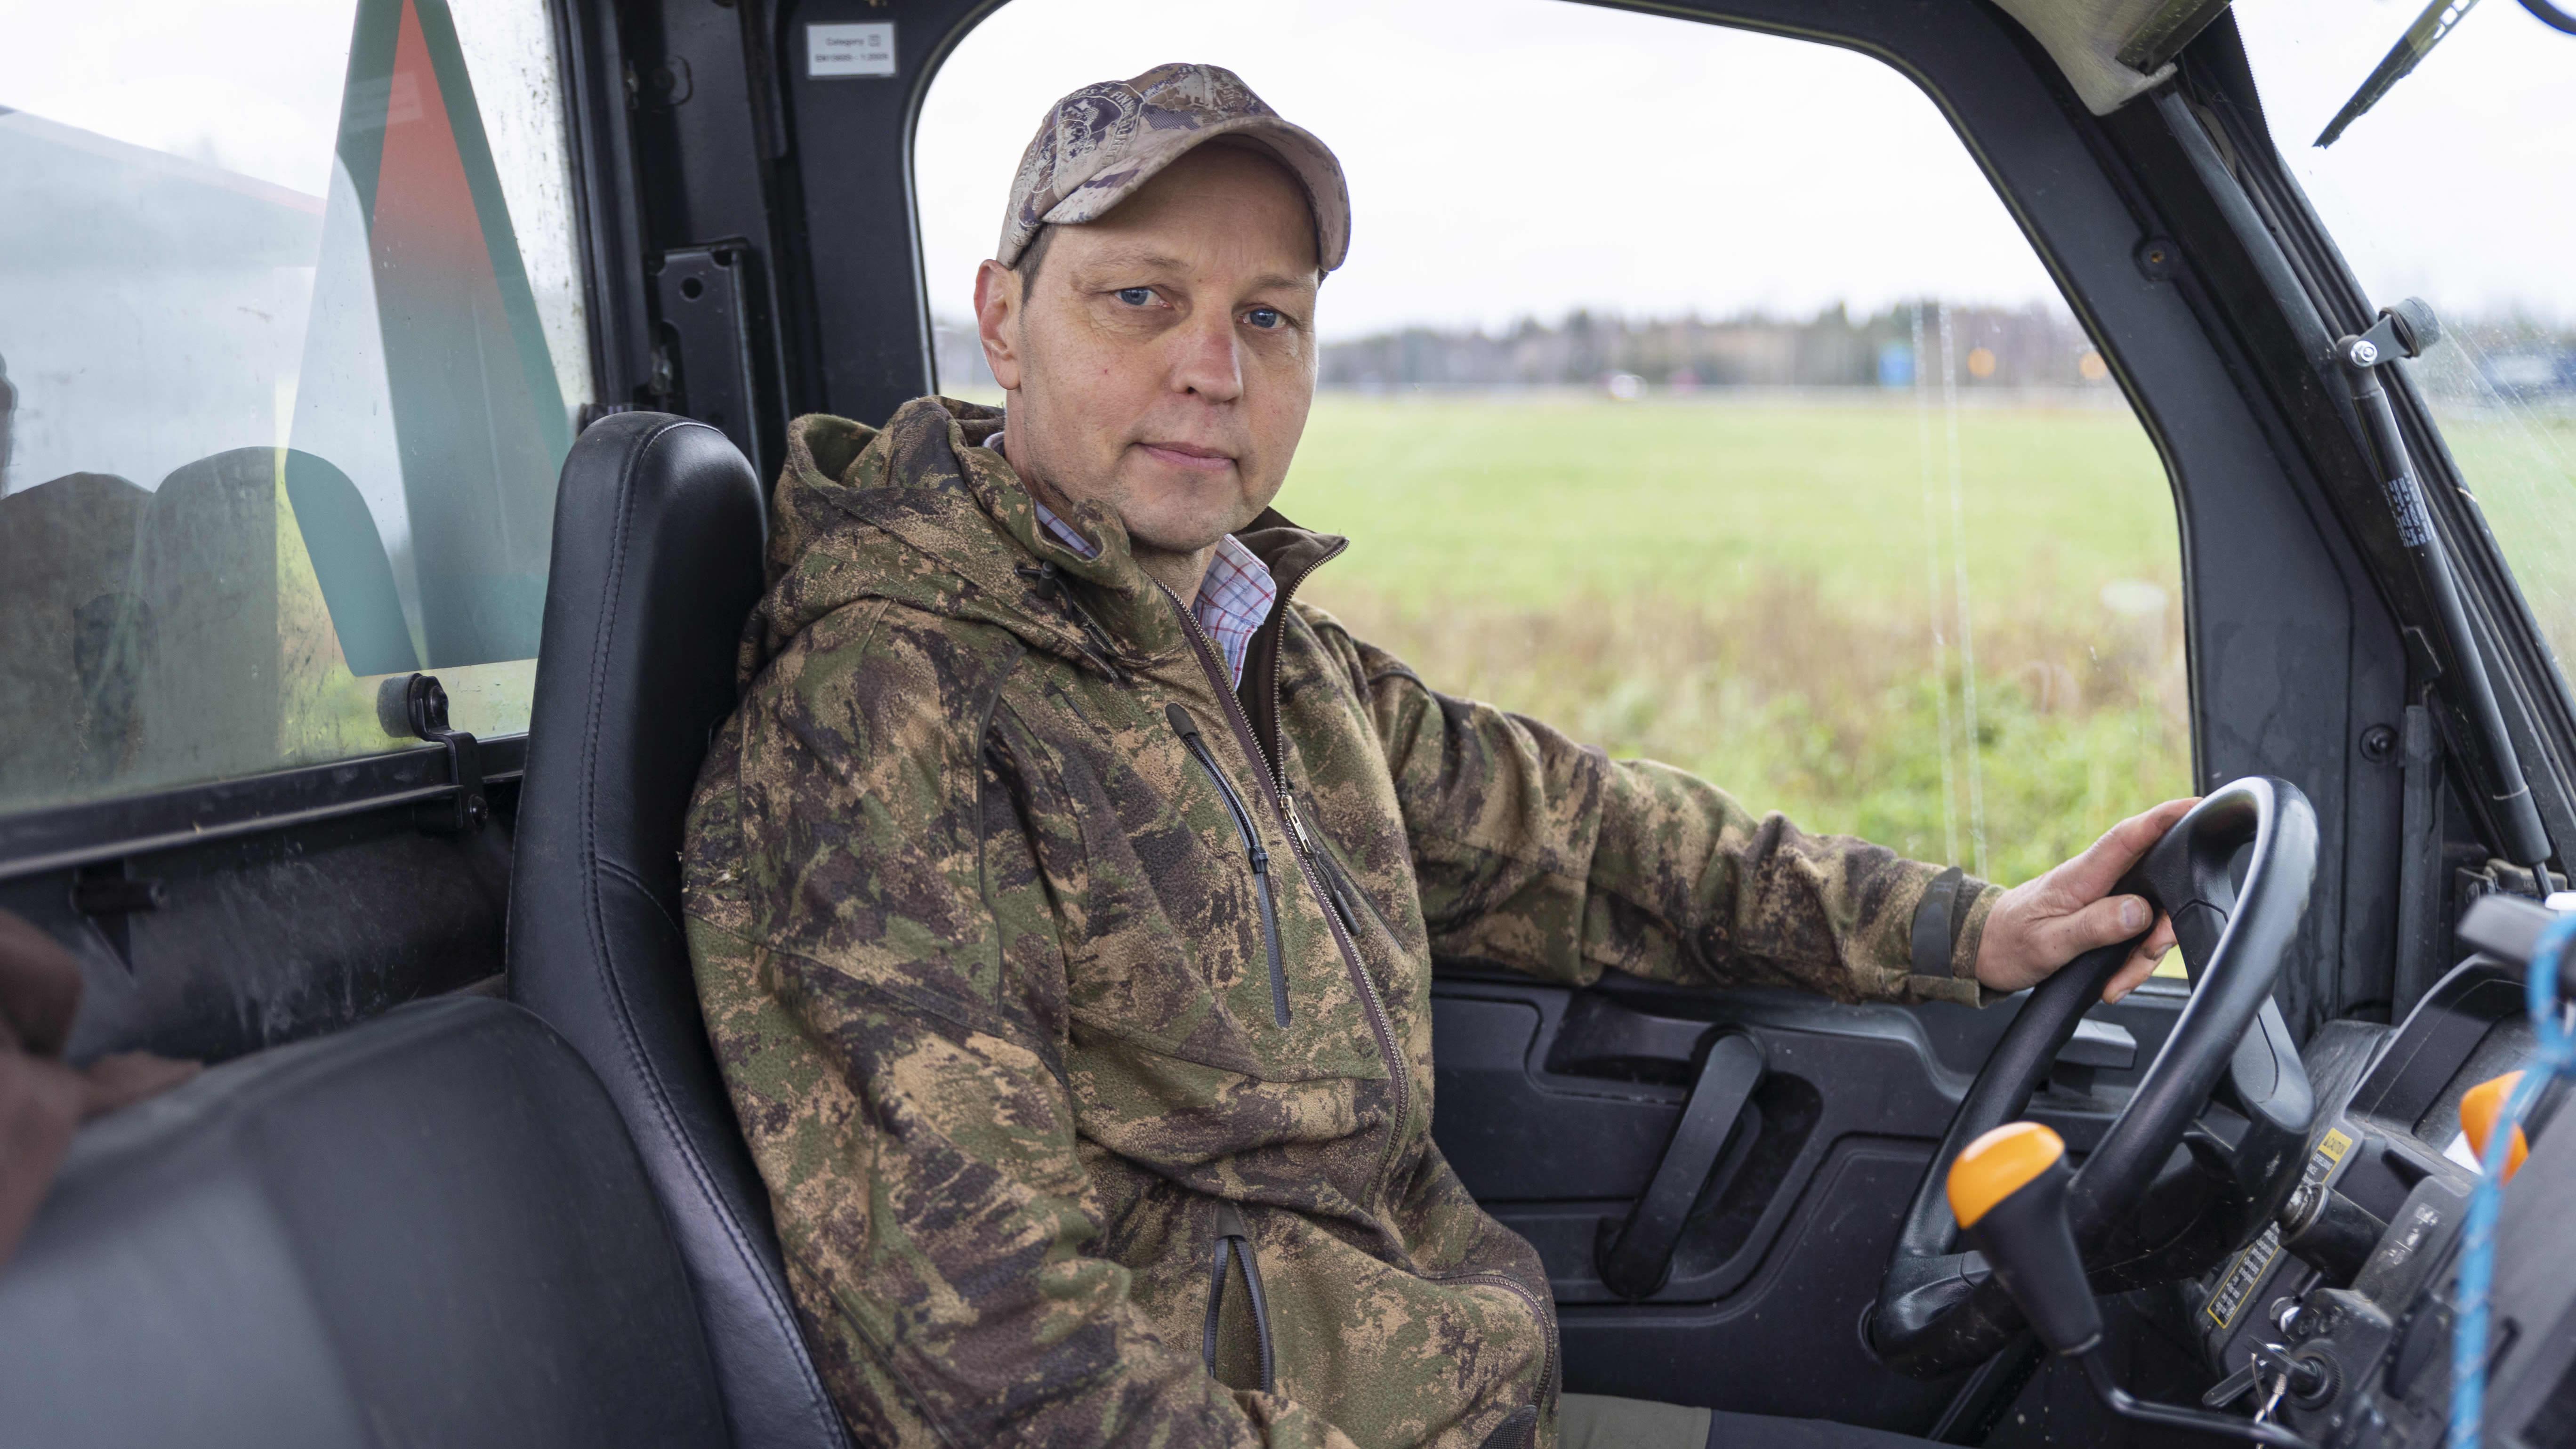 Viralan fasaanitilan tilanhoitaja Pekka Korhonen istuu traktorimönkijässä ja katsoo kameraan.